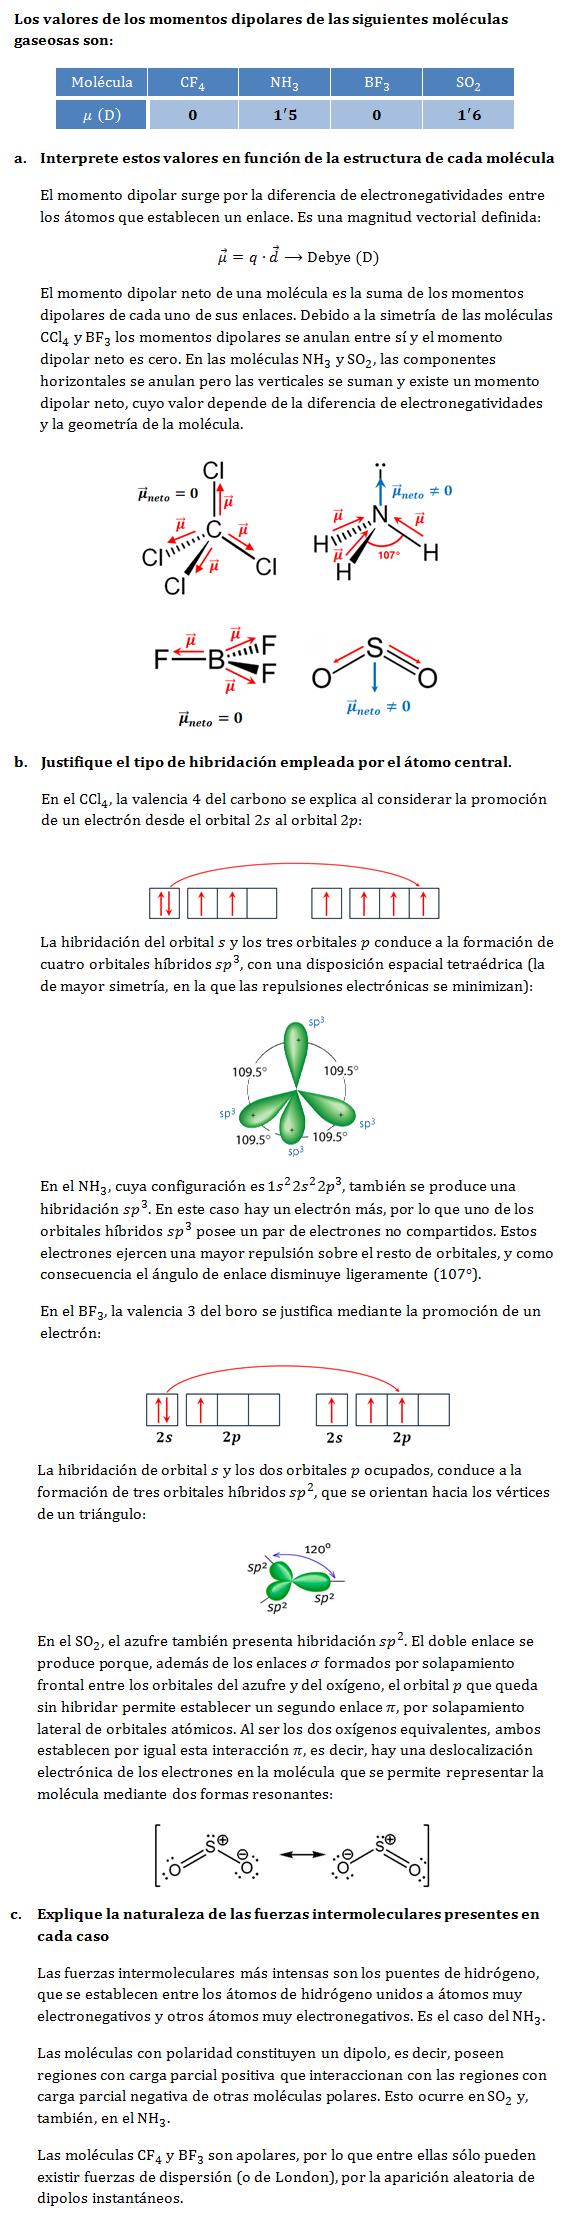 Selectividad-CyL-Química-septiembre-2015-bloque-a-ejercicio-2